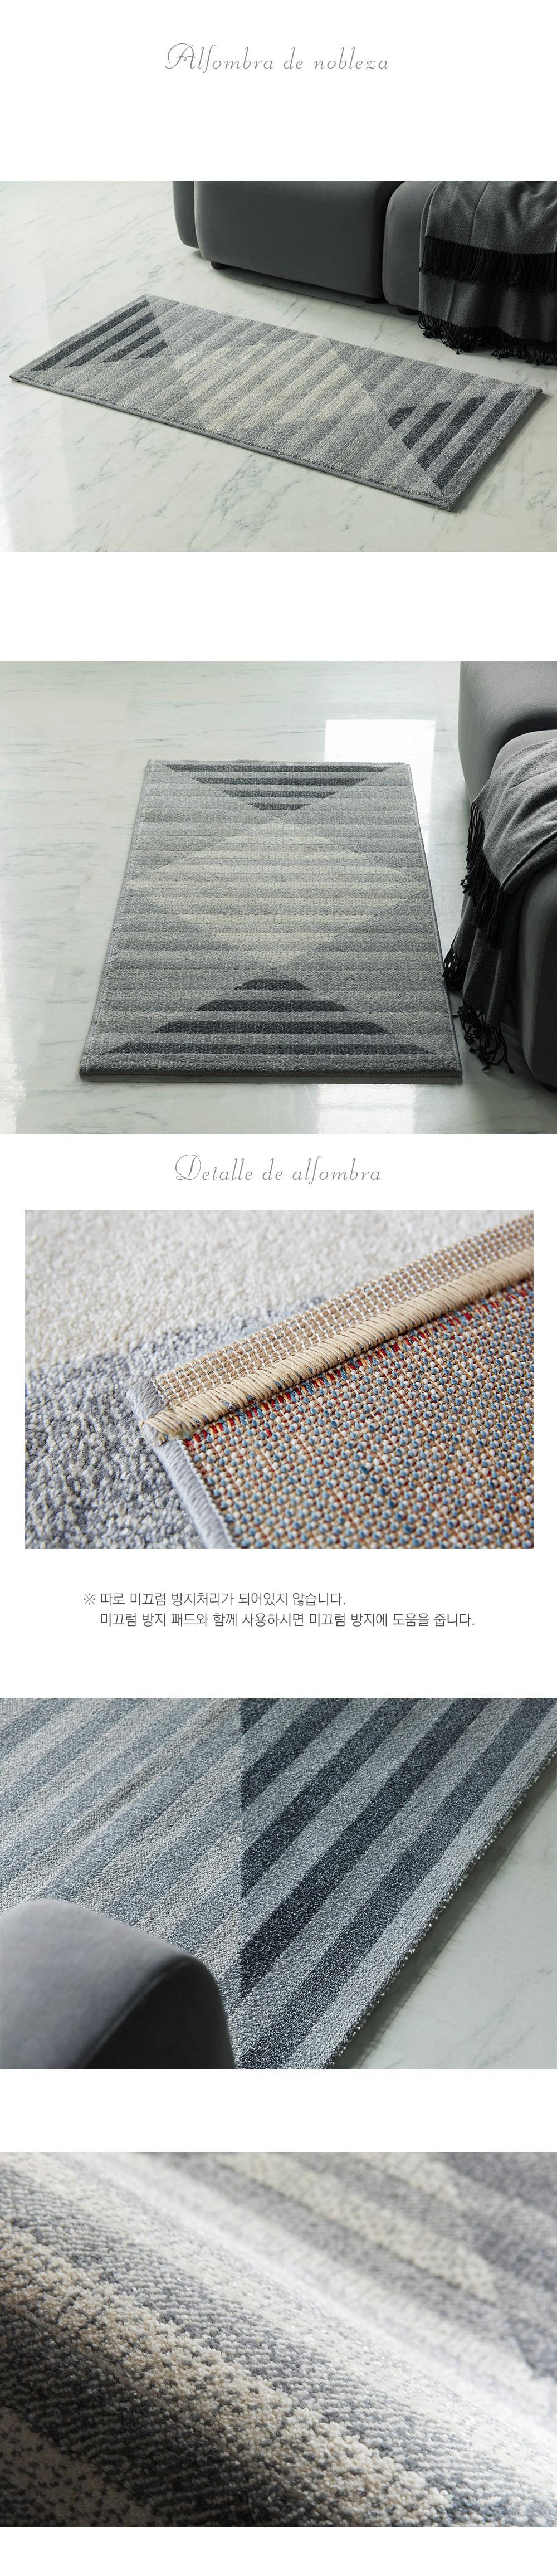 spain carpet nobleza rug - detail cut